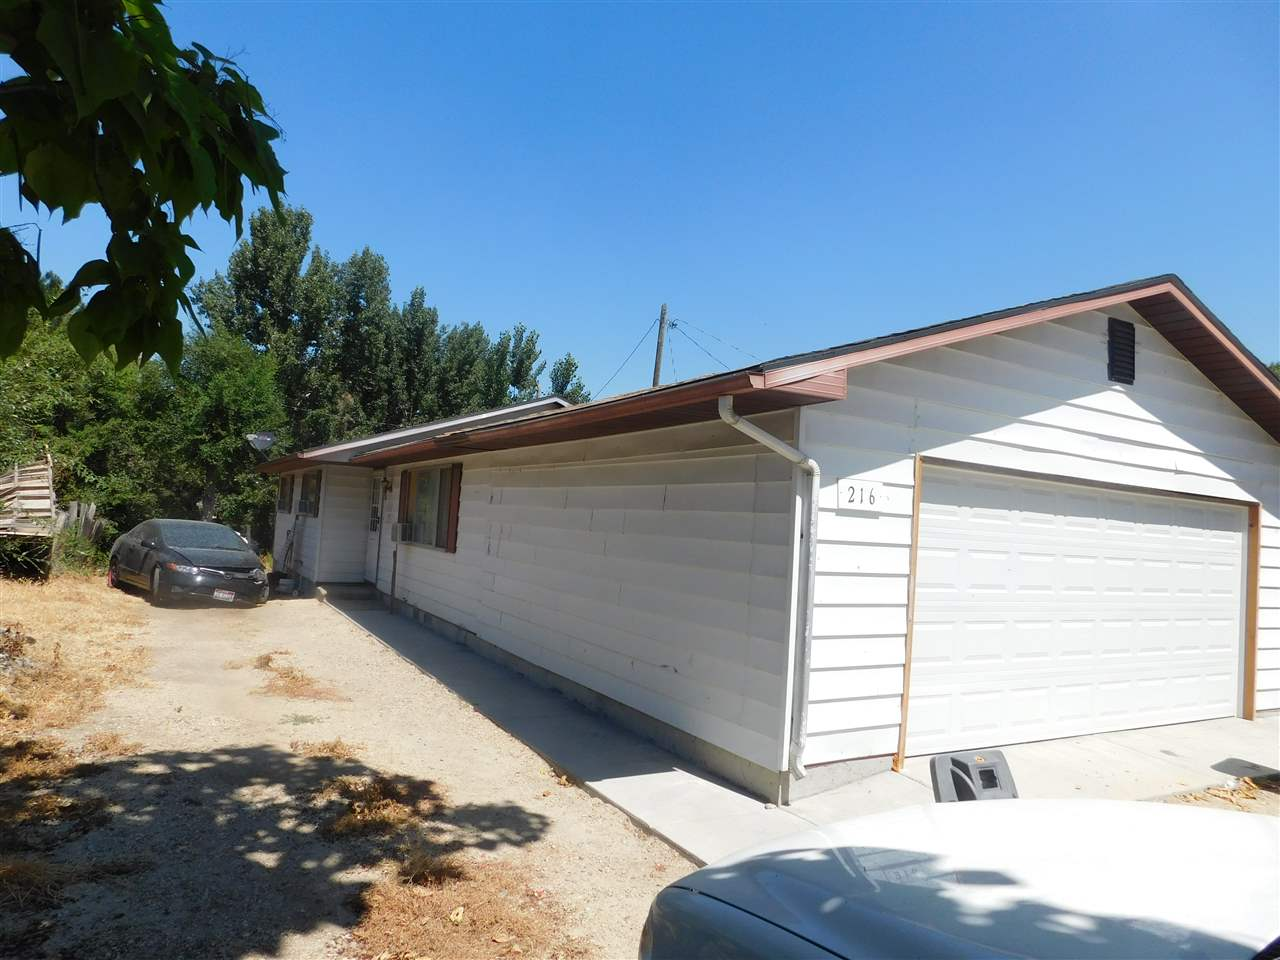 独户住宅 为 销售 在 216 N 1st Street 216 N 1st Street Marsing, 爱达荷州 83639